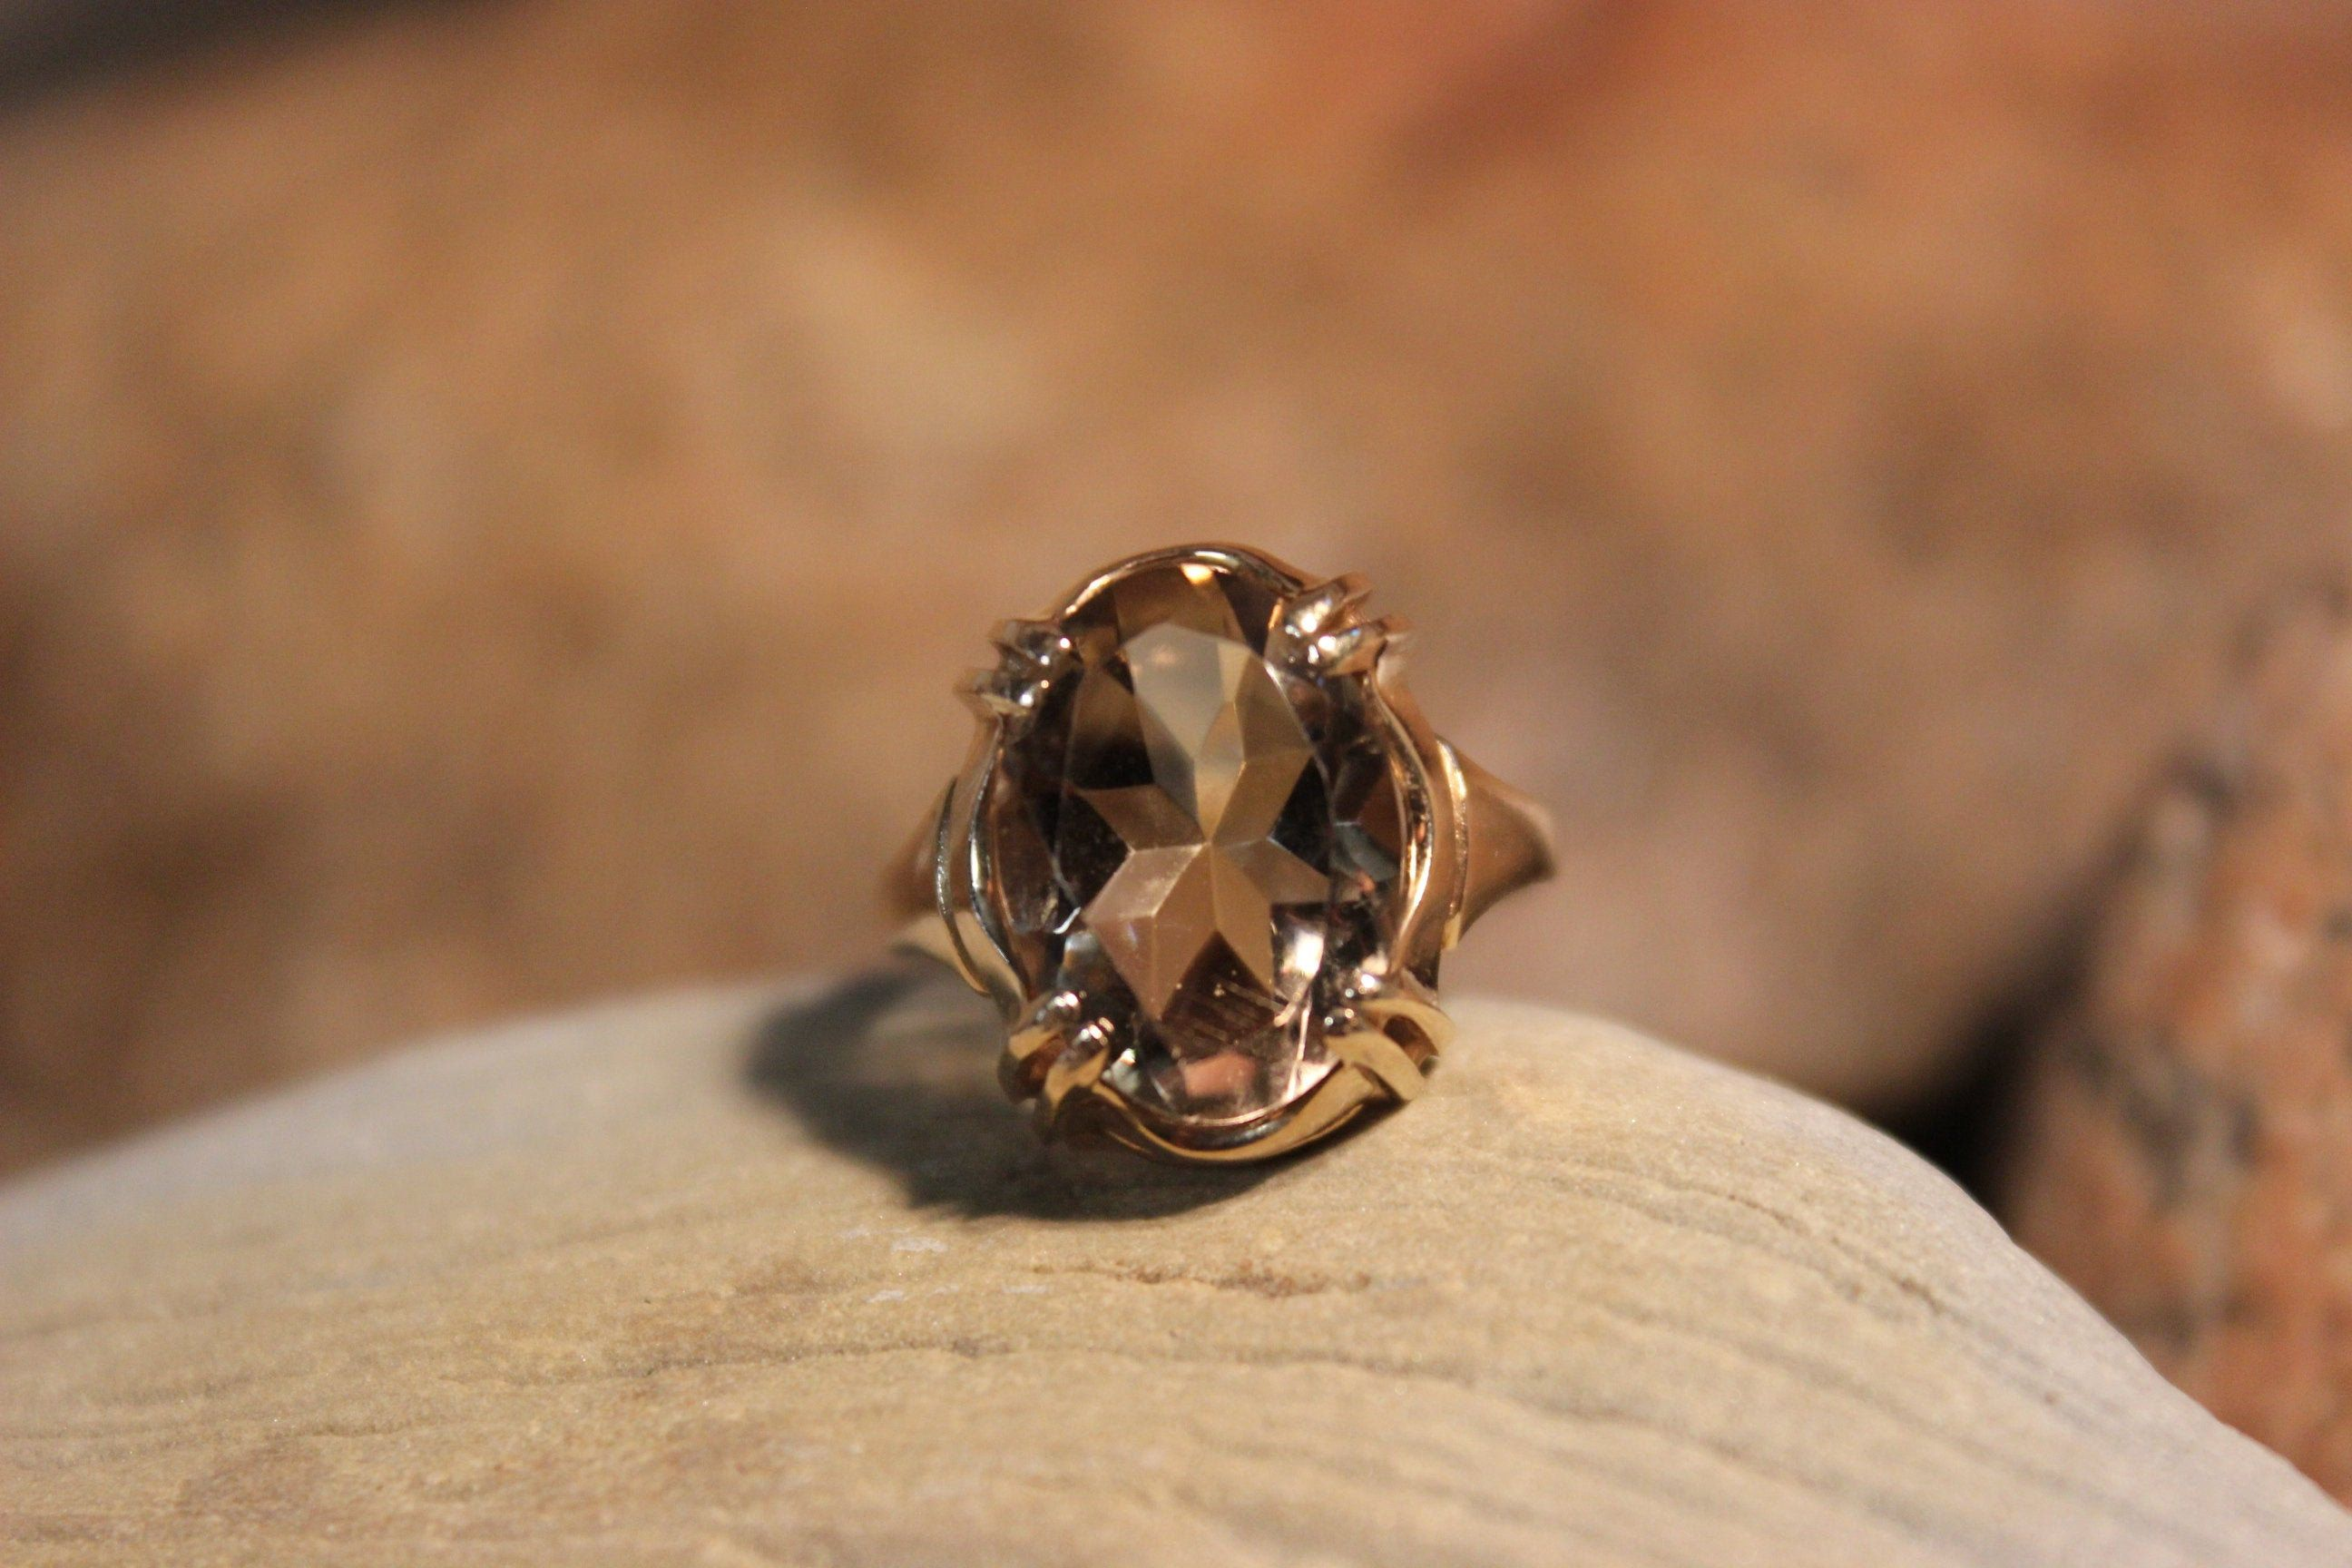 1980 S Vintage 10k Solid Gold Starburst Citrine Ring 3 9 Grams Size 6 Yellow Gold Citrine Ring Vintage G In 2020 Vintage Gold Rings Gold Starburst Wolf Tooth Necklace